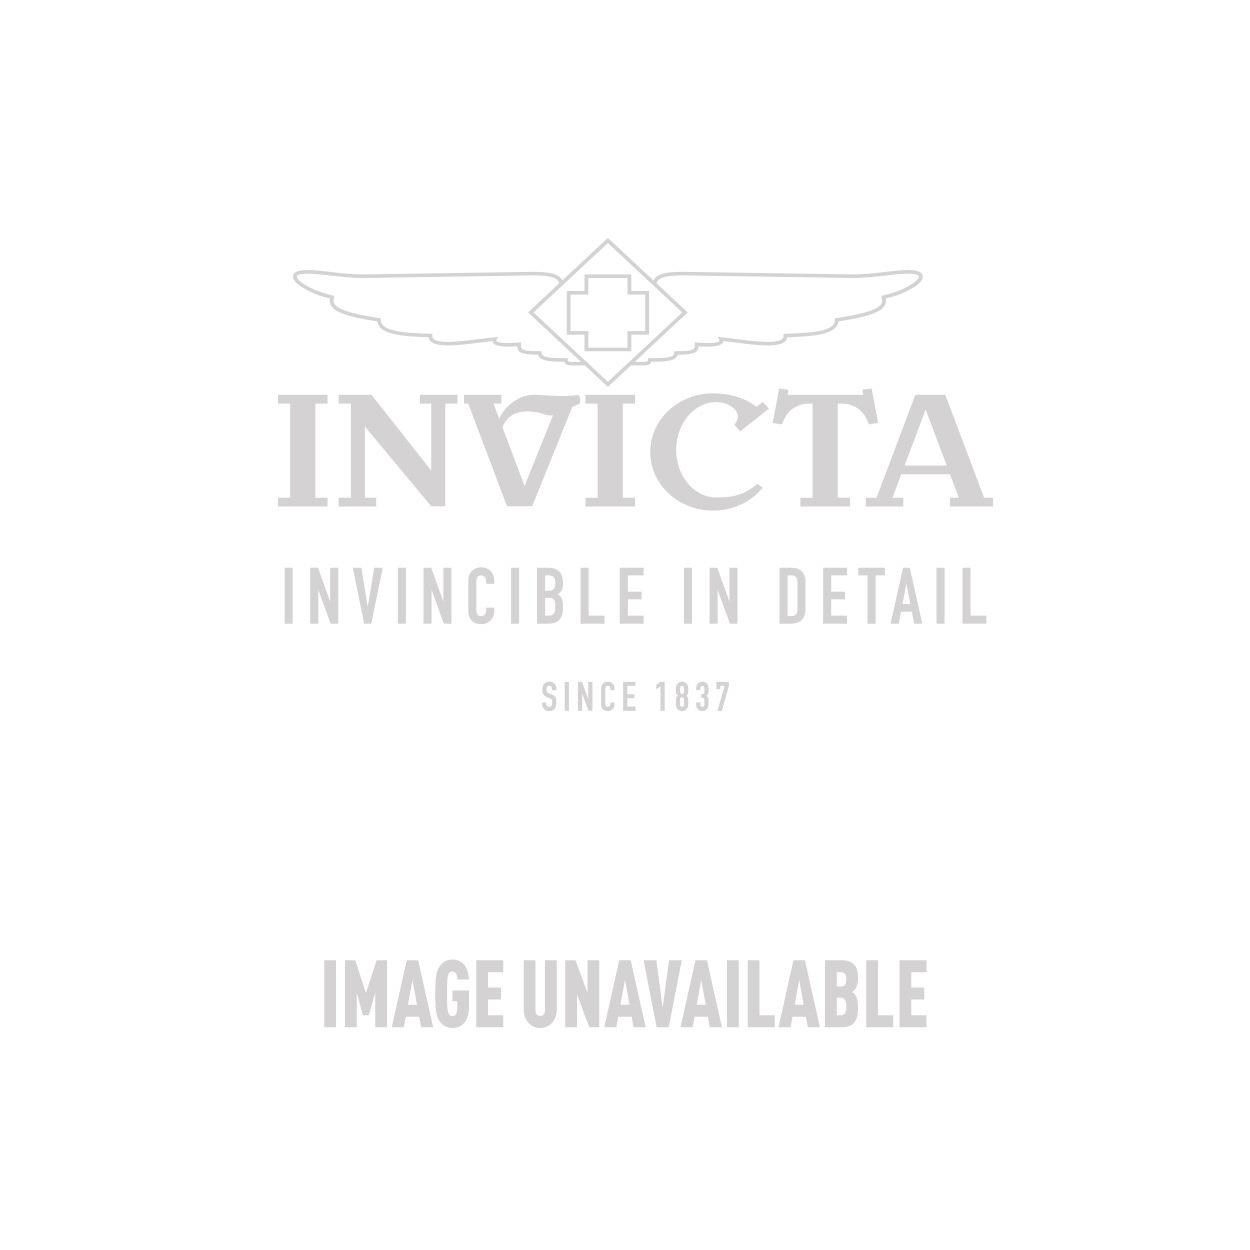 Invicta Model 25051